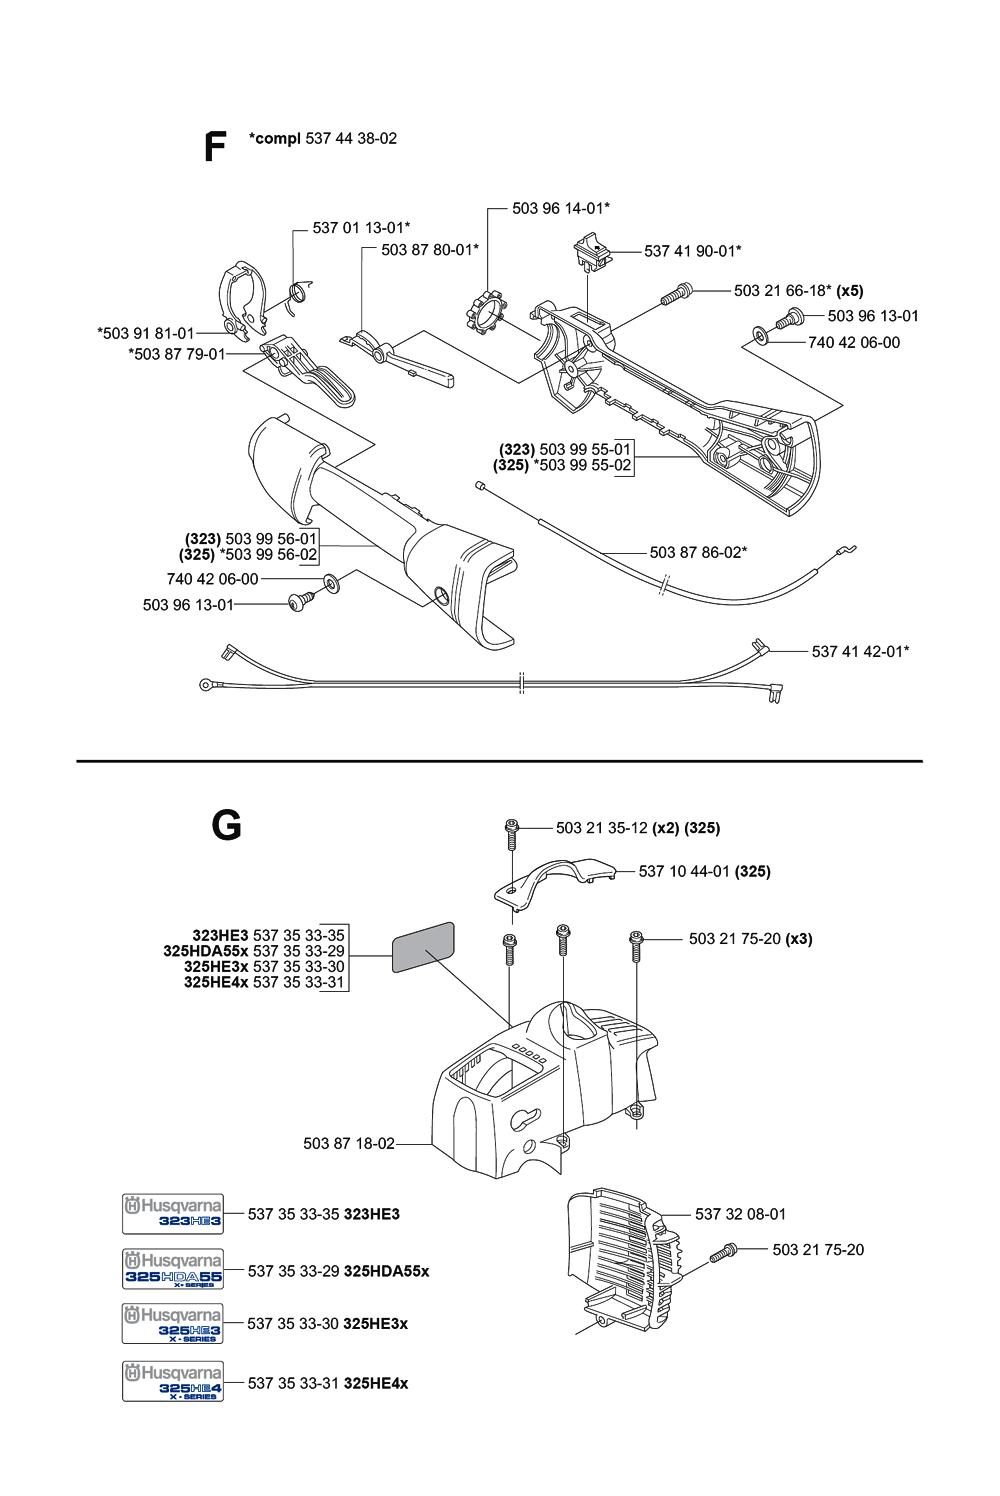 325HDA55X-(5440959-02)-Husqvarna-PB-4Break Down